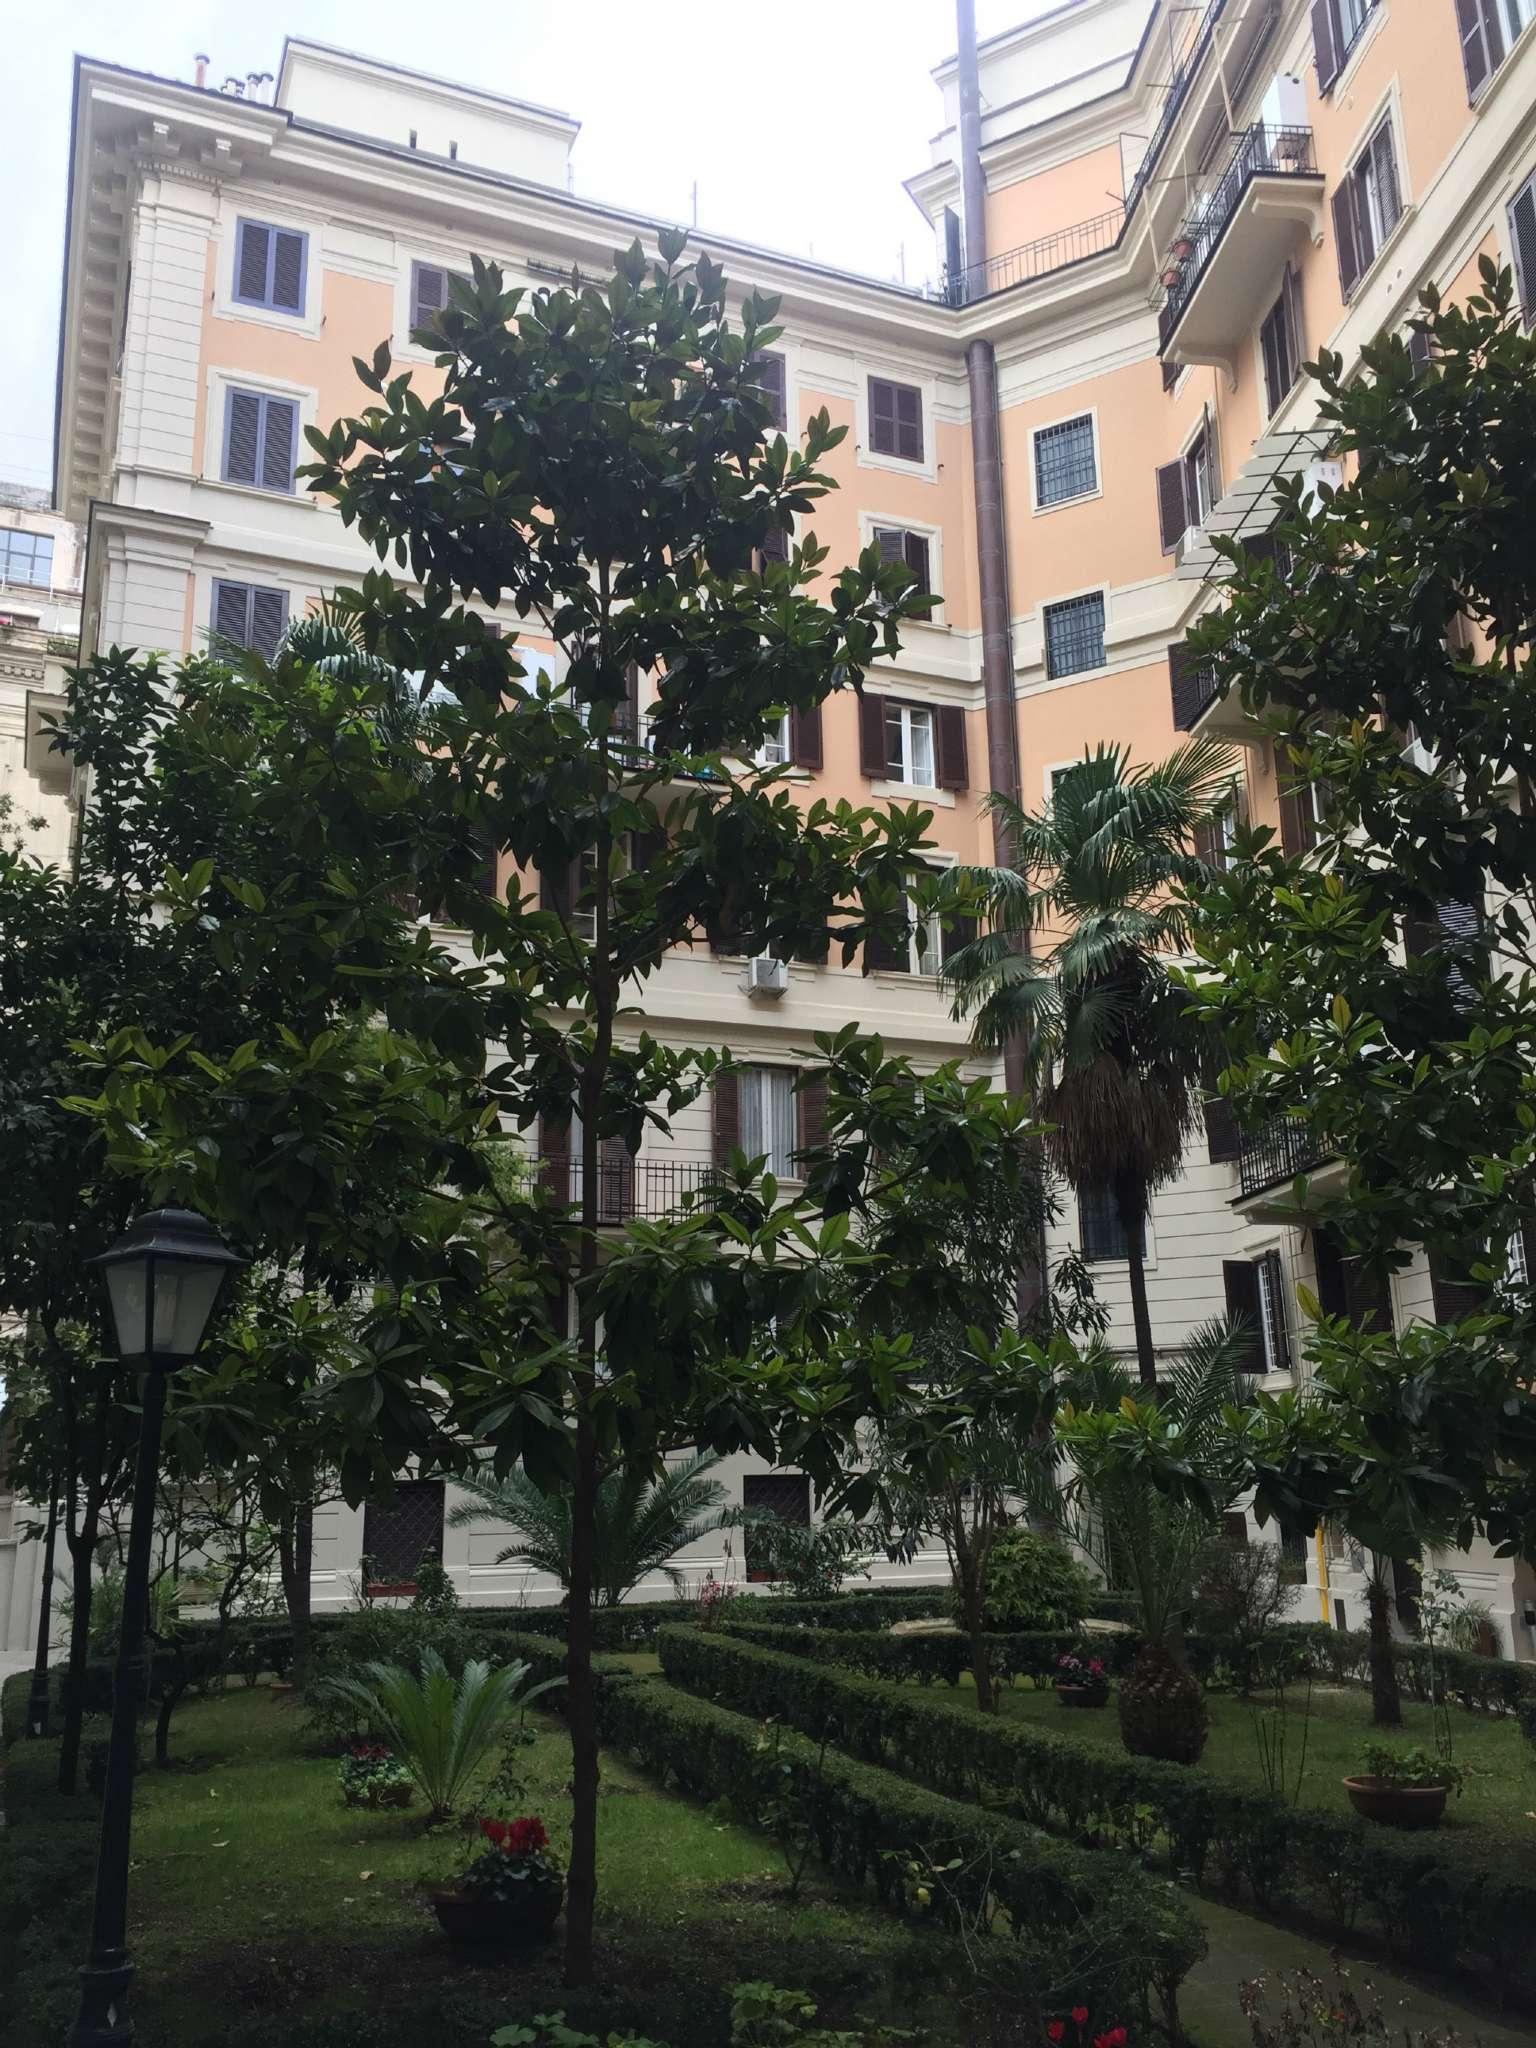 Ufficio studio in affitto roma viale liegi for Affitto ufficio viale europa roma